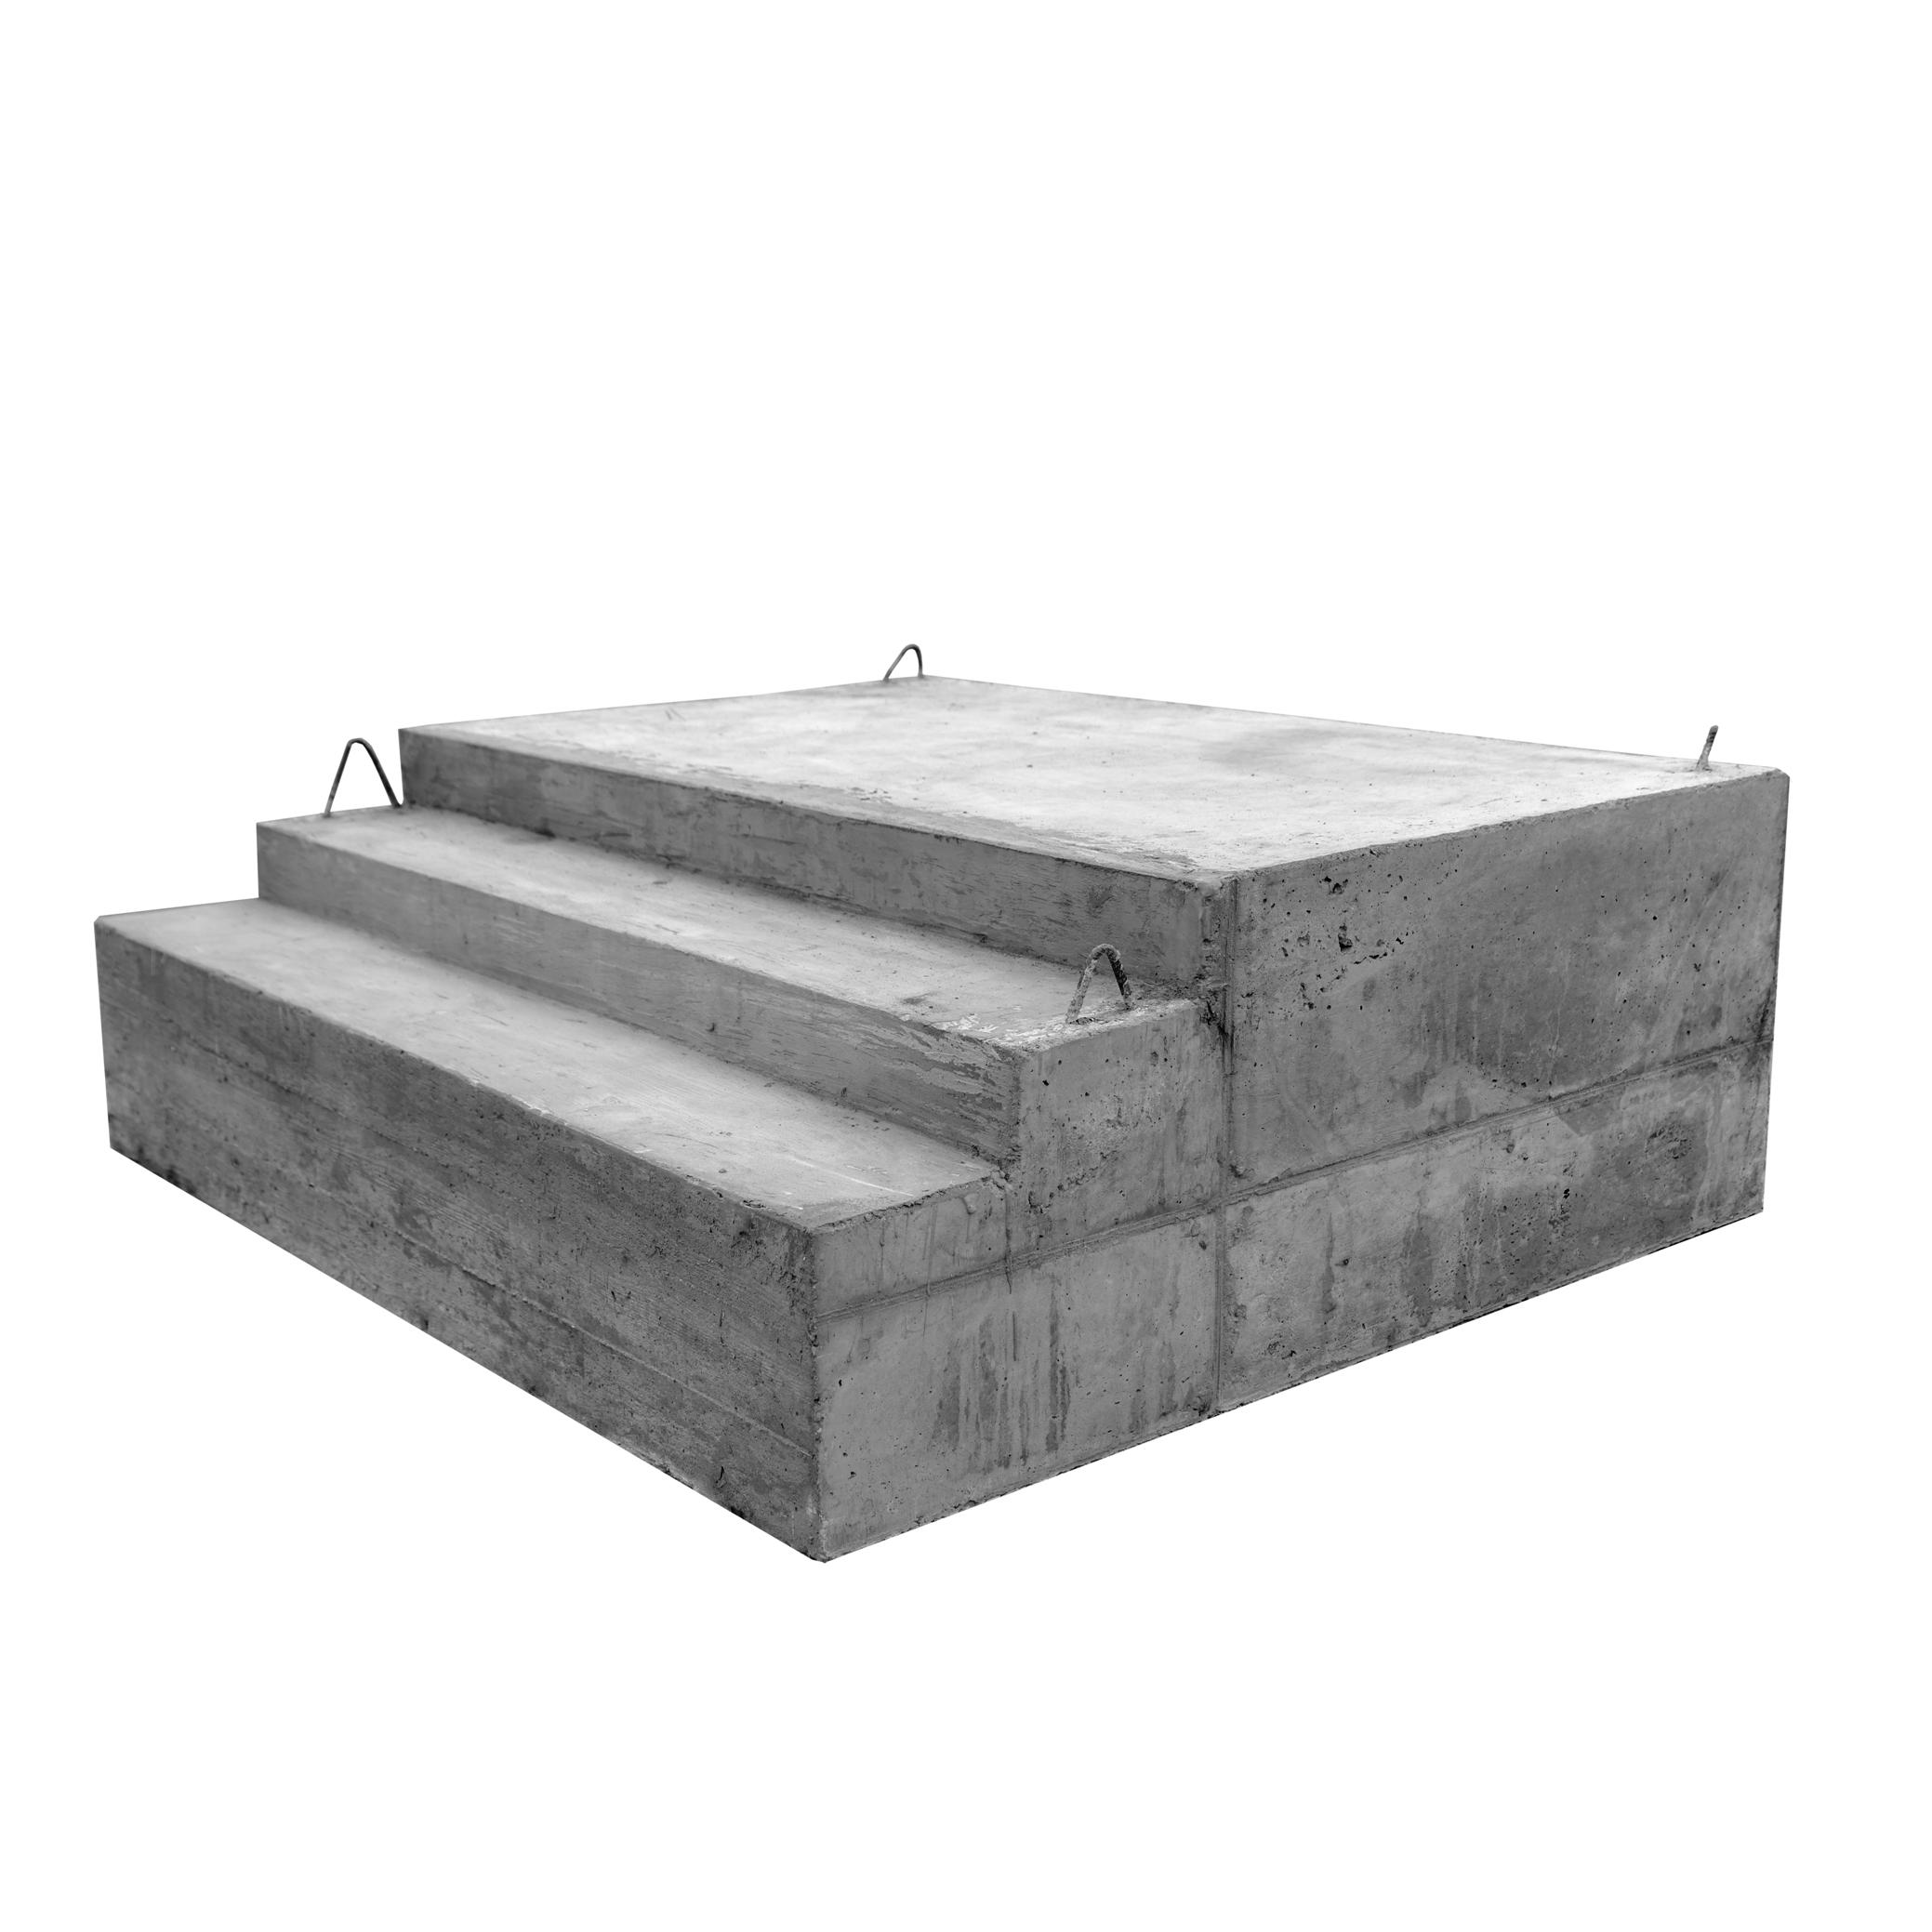 A jövő az előre gyártott betonelem